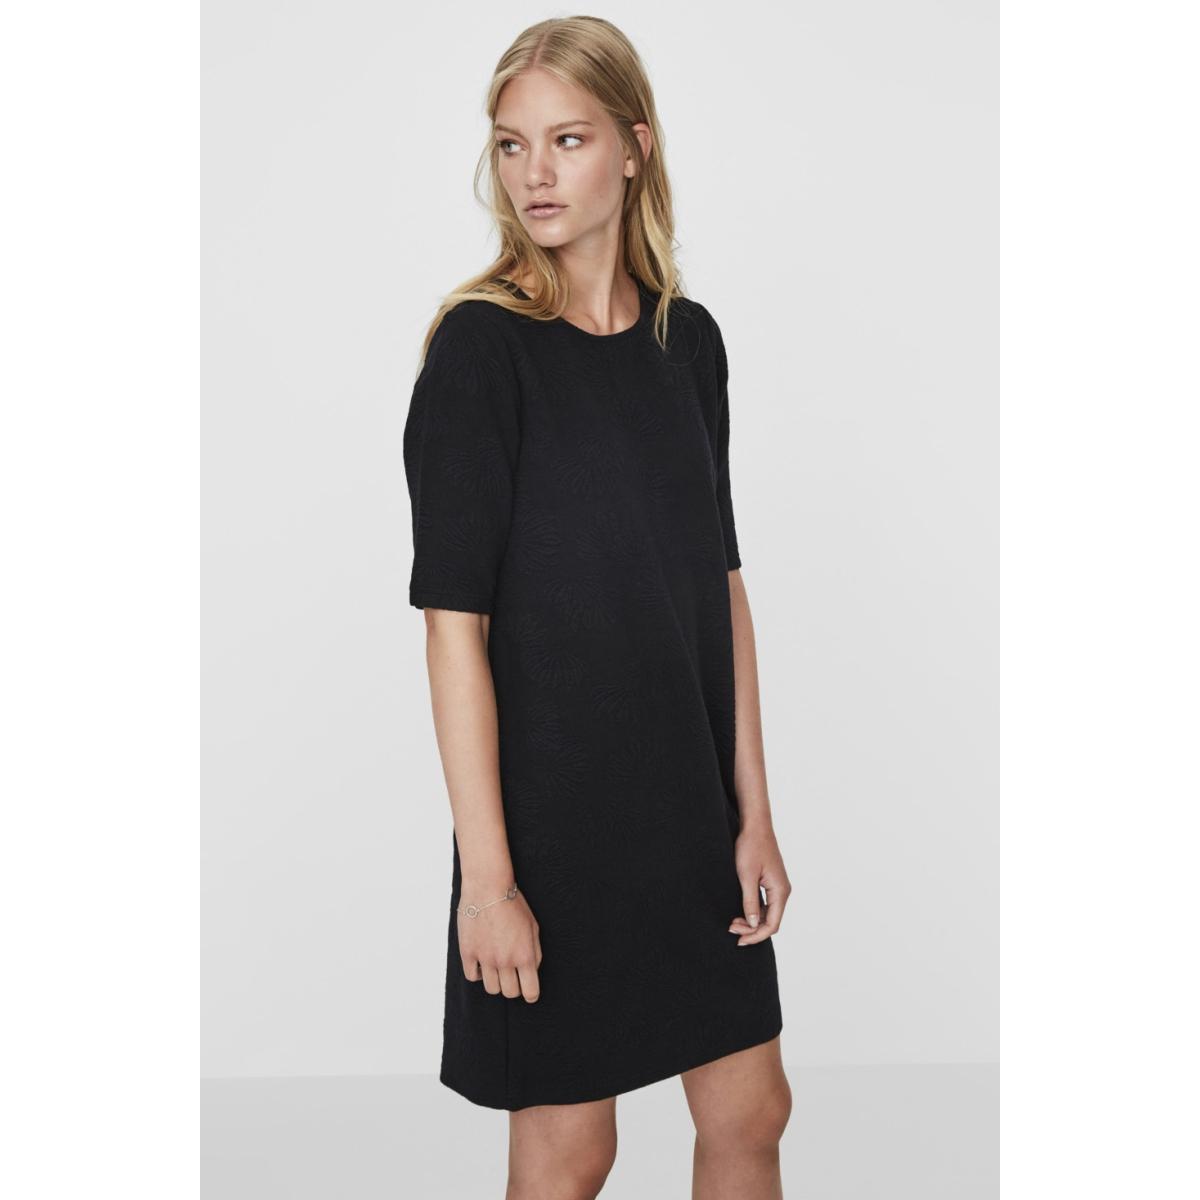 vmgalia 2/4 short dress swt 10186351 vero moda jurk black